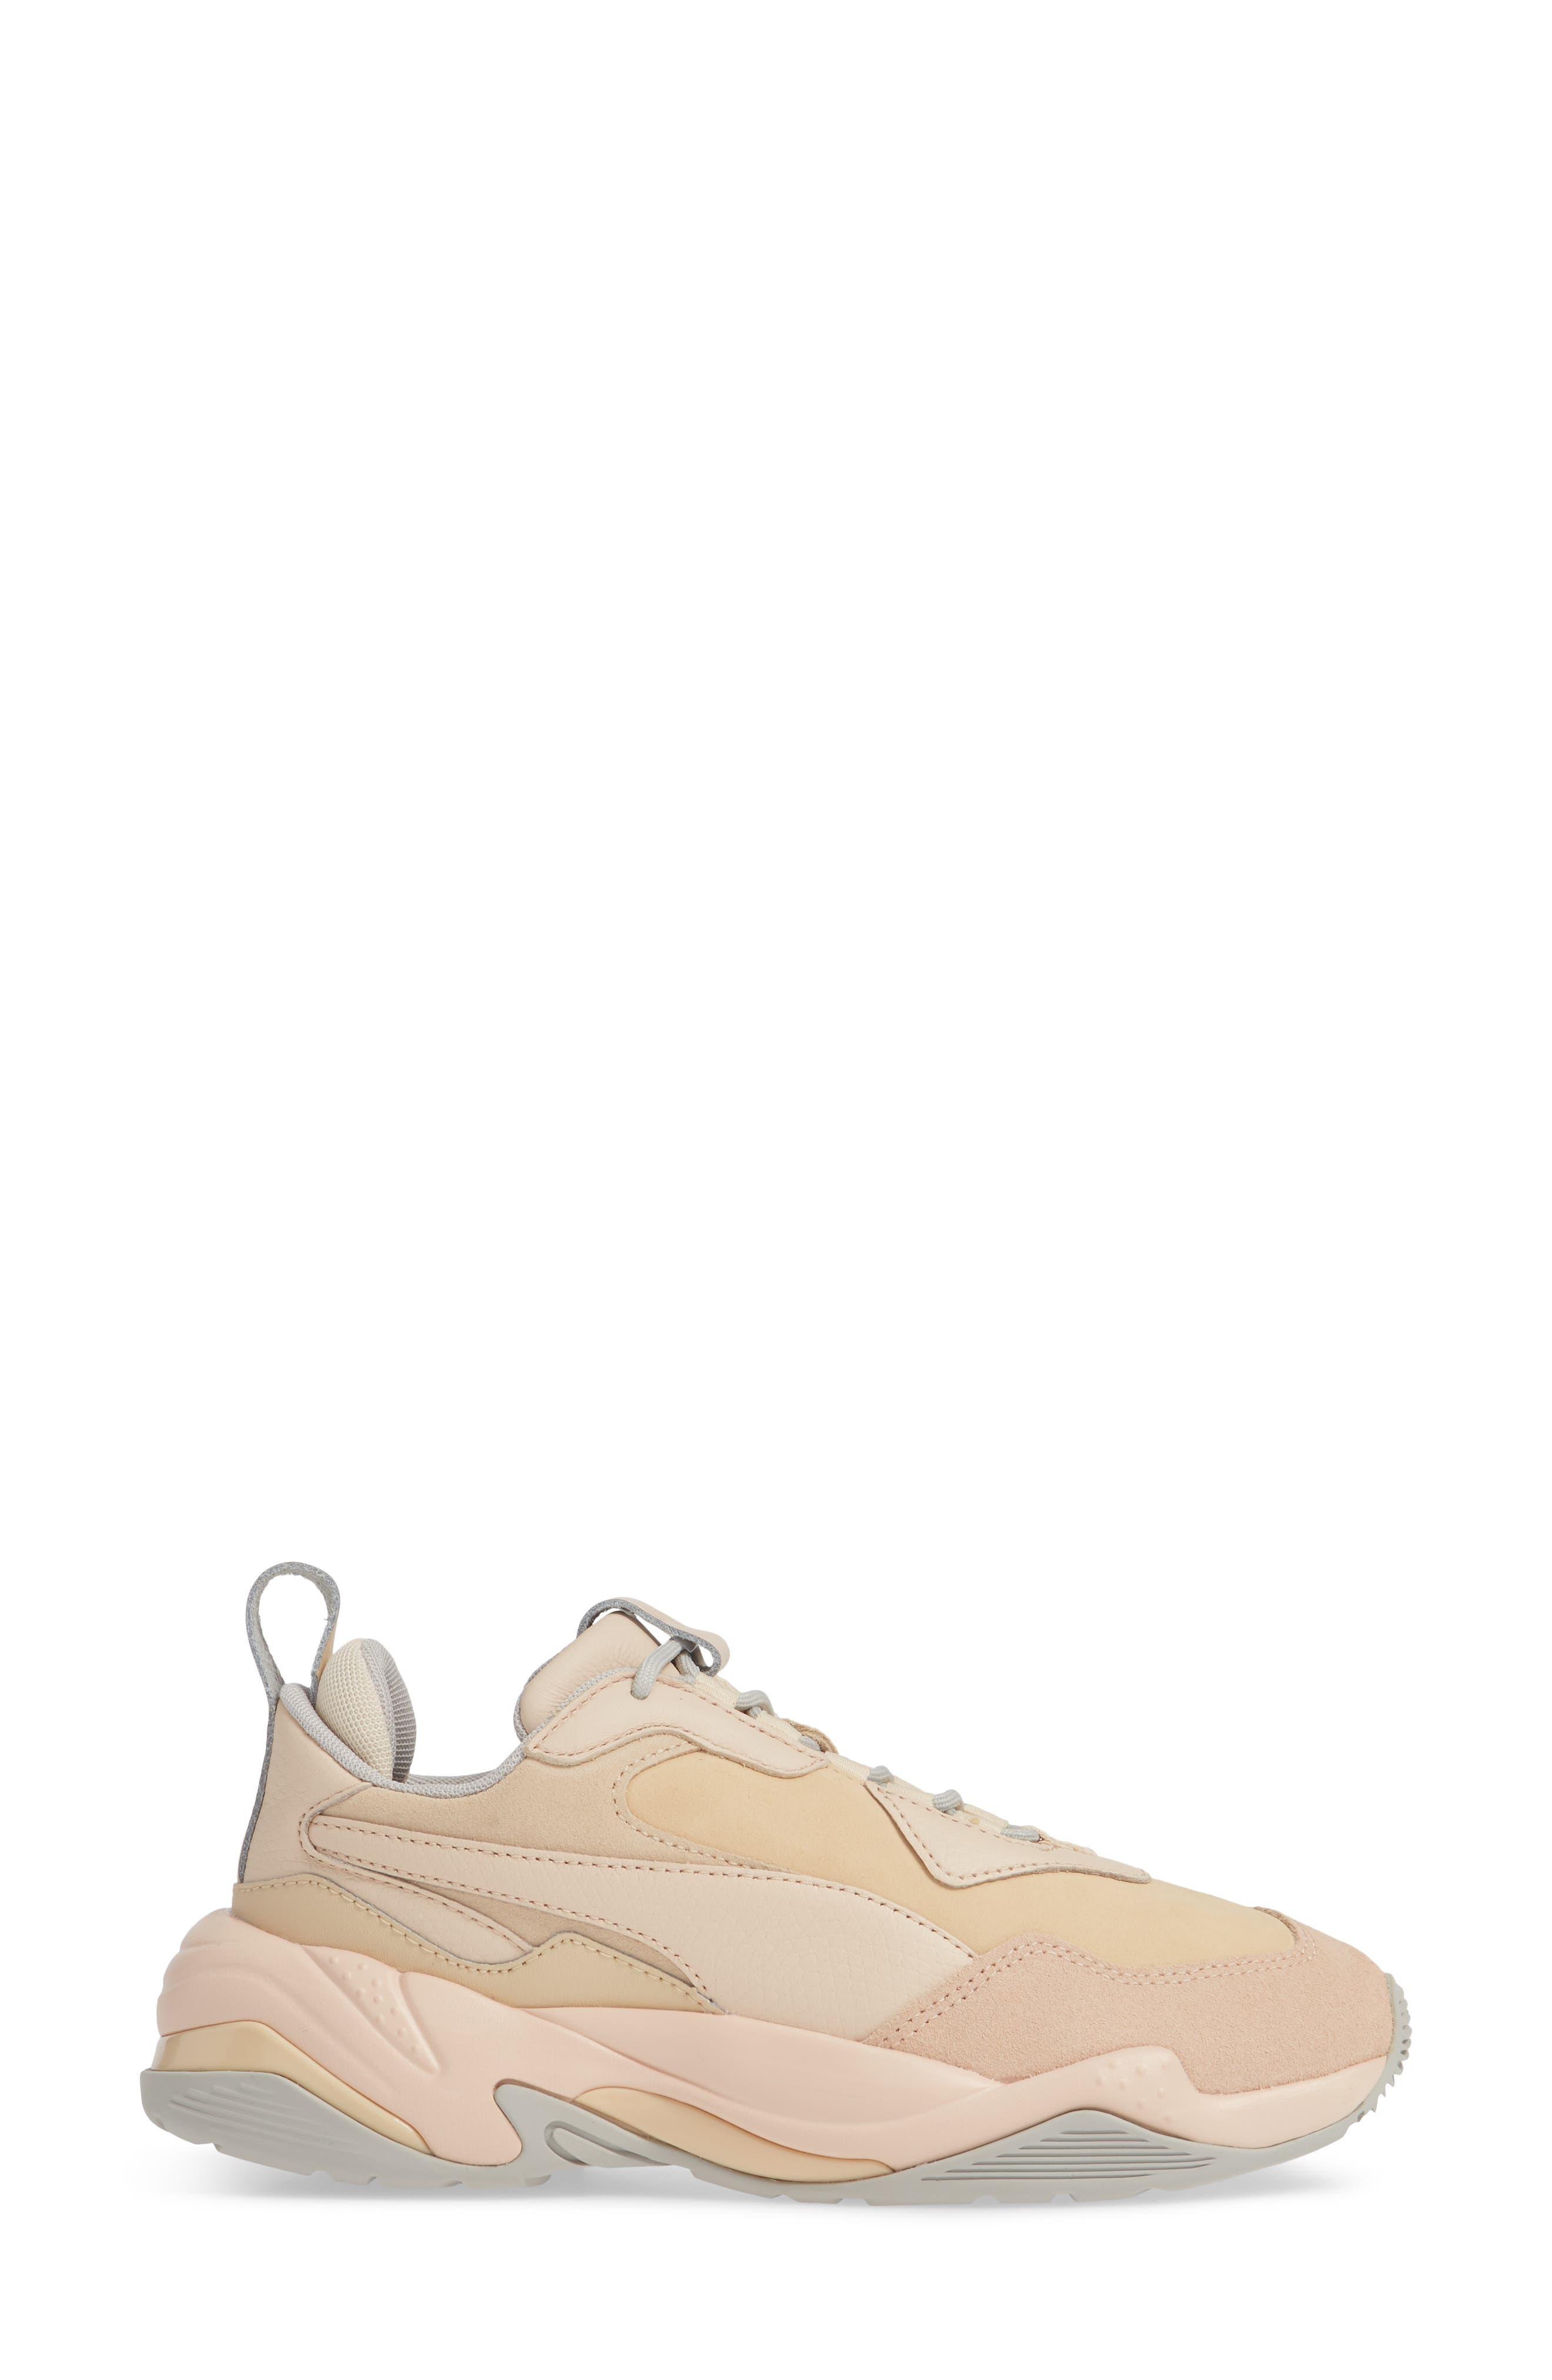 Thunder Desert Sneaker,                             Alternate thumbnail 3, color,                             NATURAL VACHETTA/ CREAM TAN